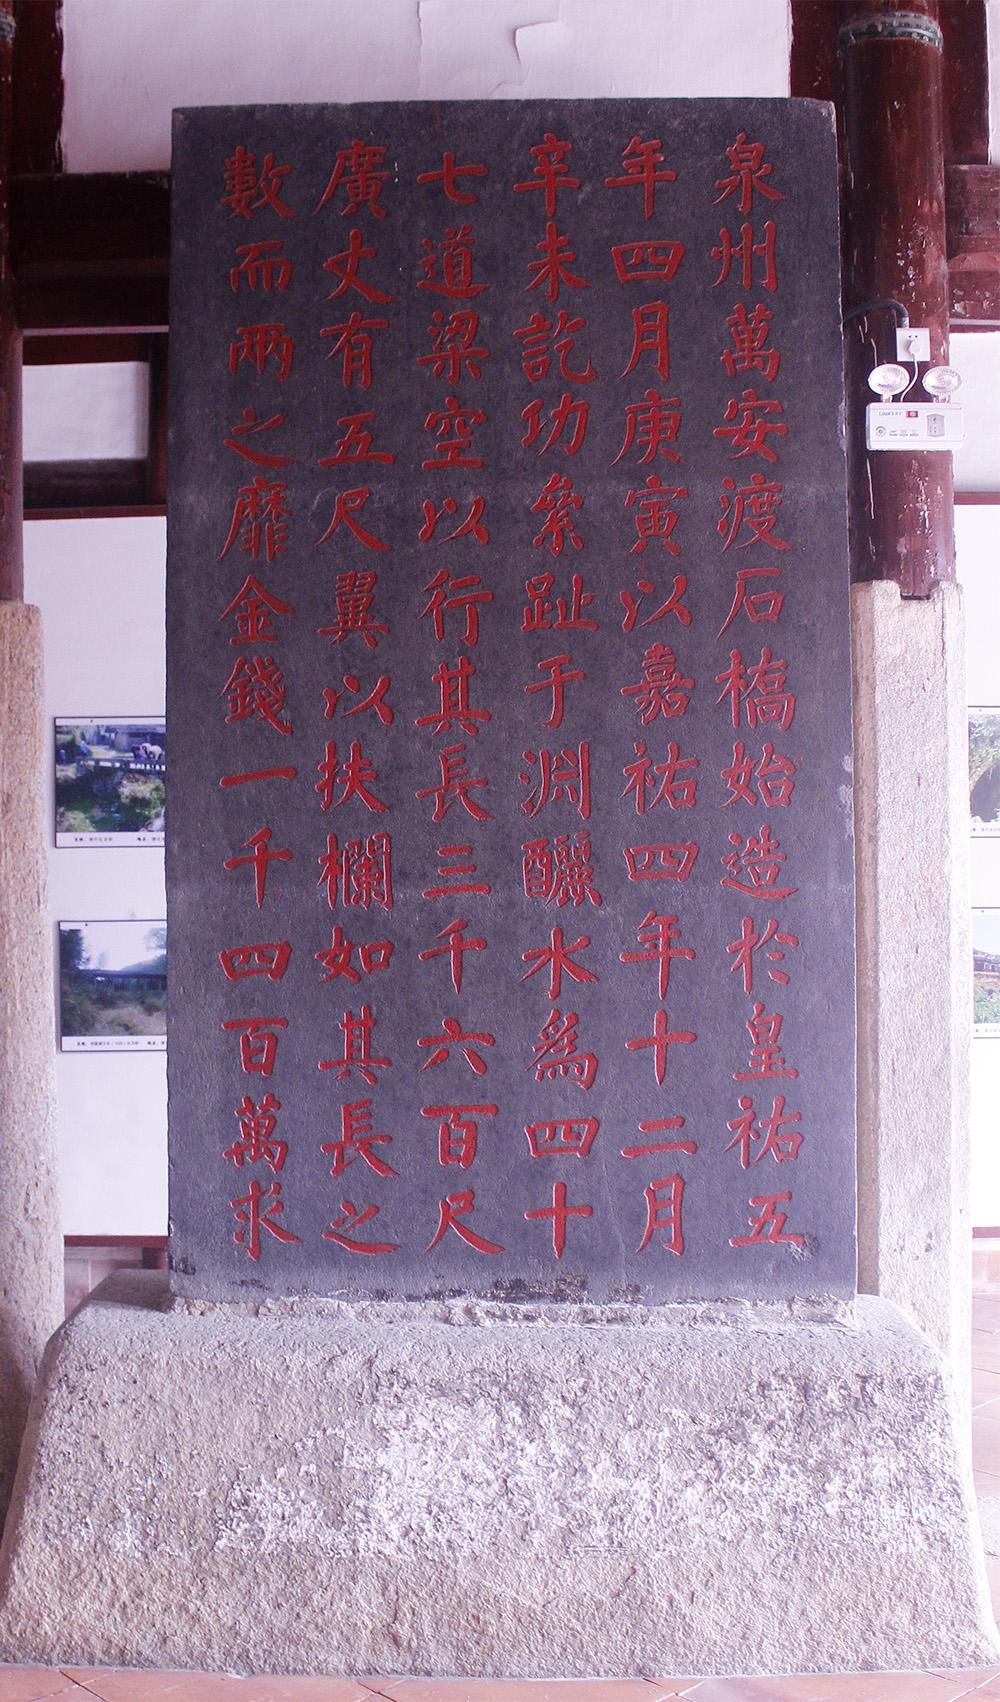 万安渡石桥记(1) 缩图